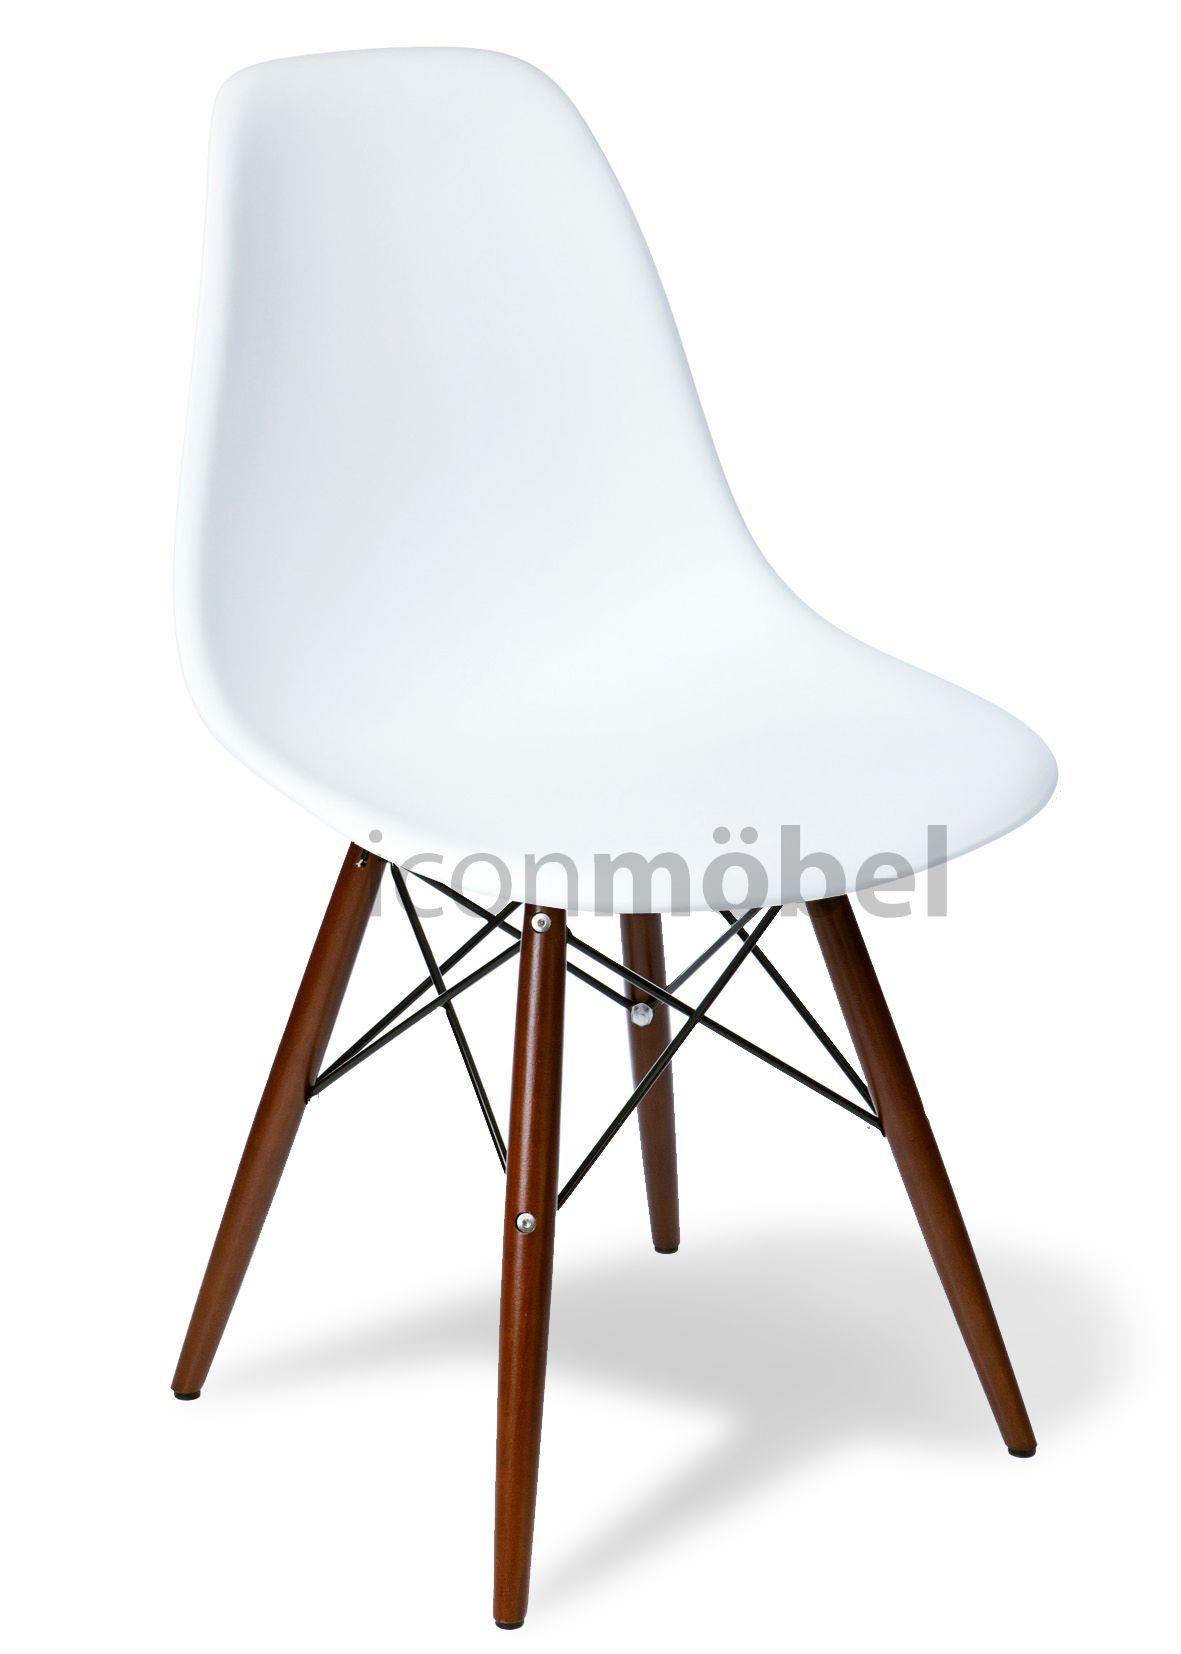 Stuhl Dsw Nuss Eames StyleIconmöbel Und Designermöbel 9YEIWDH2